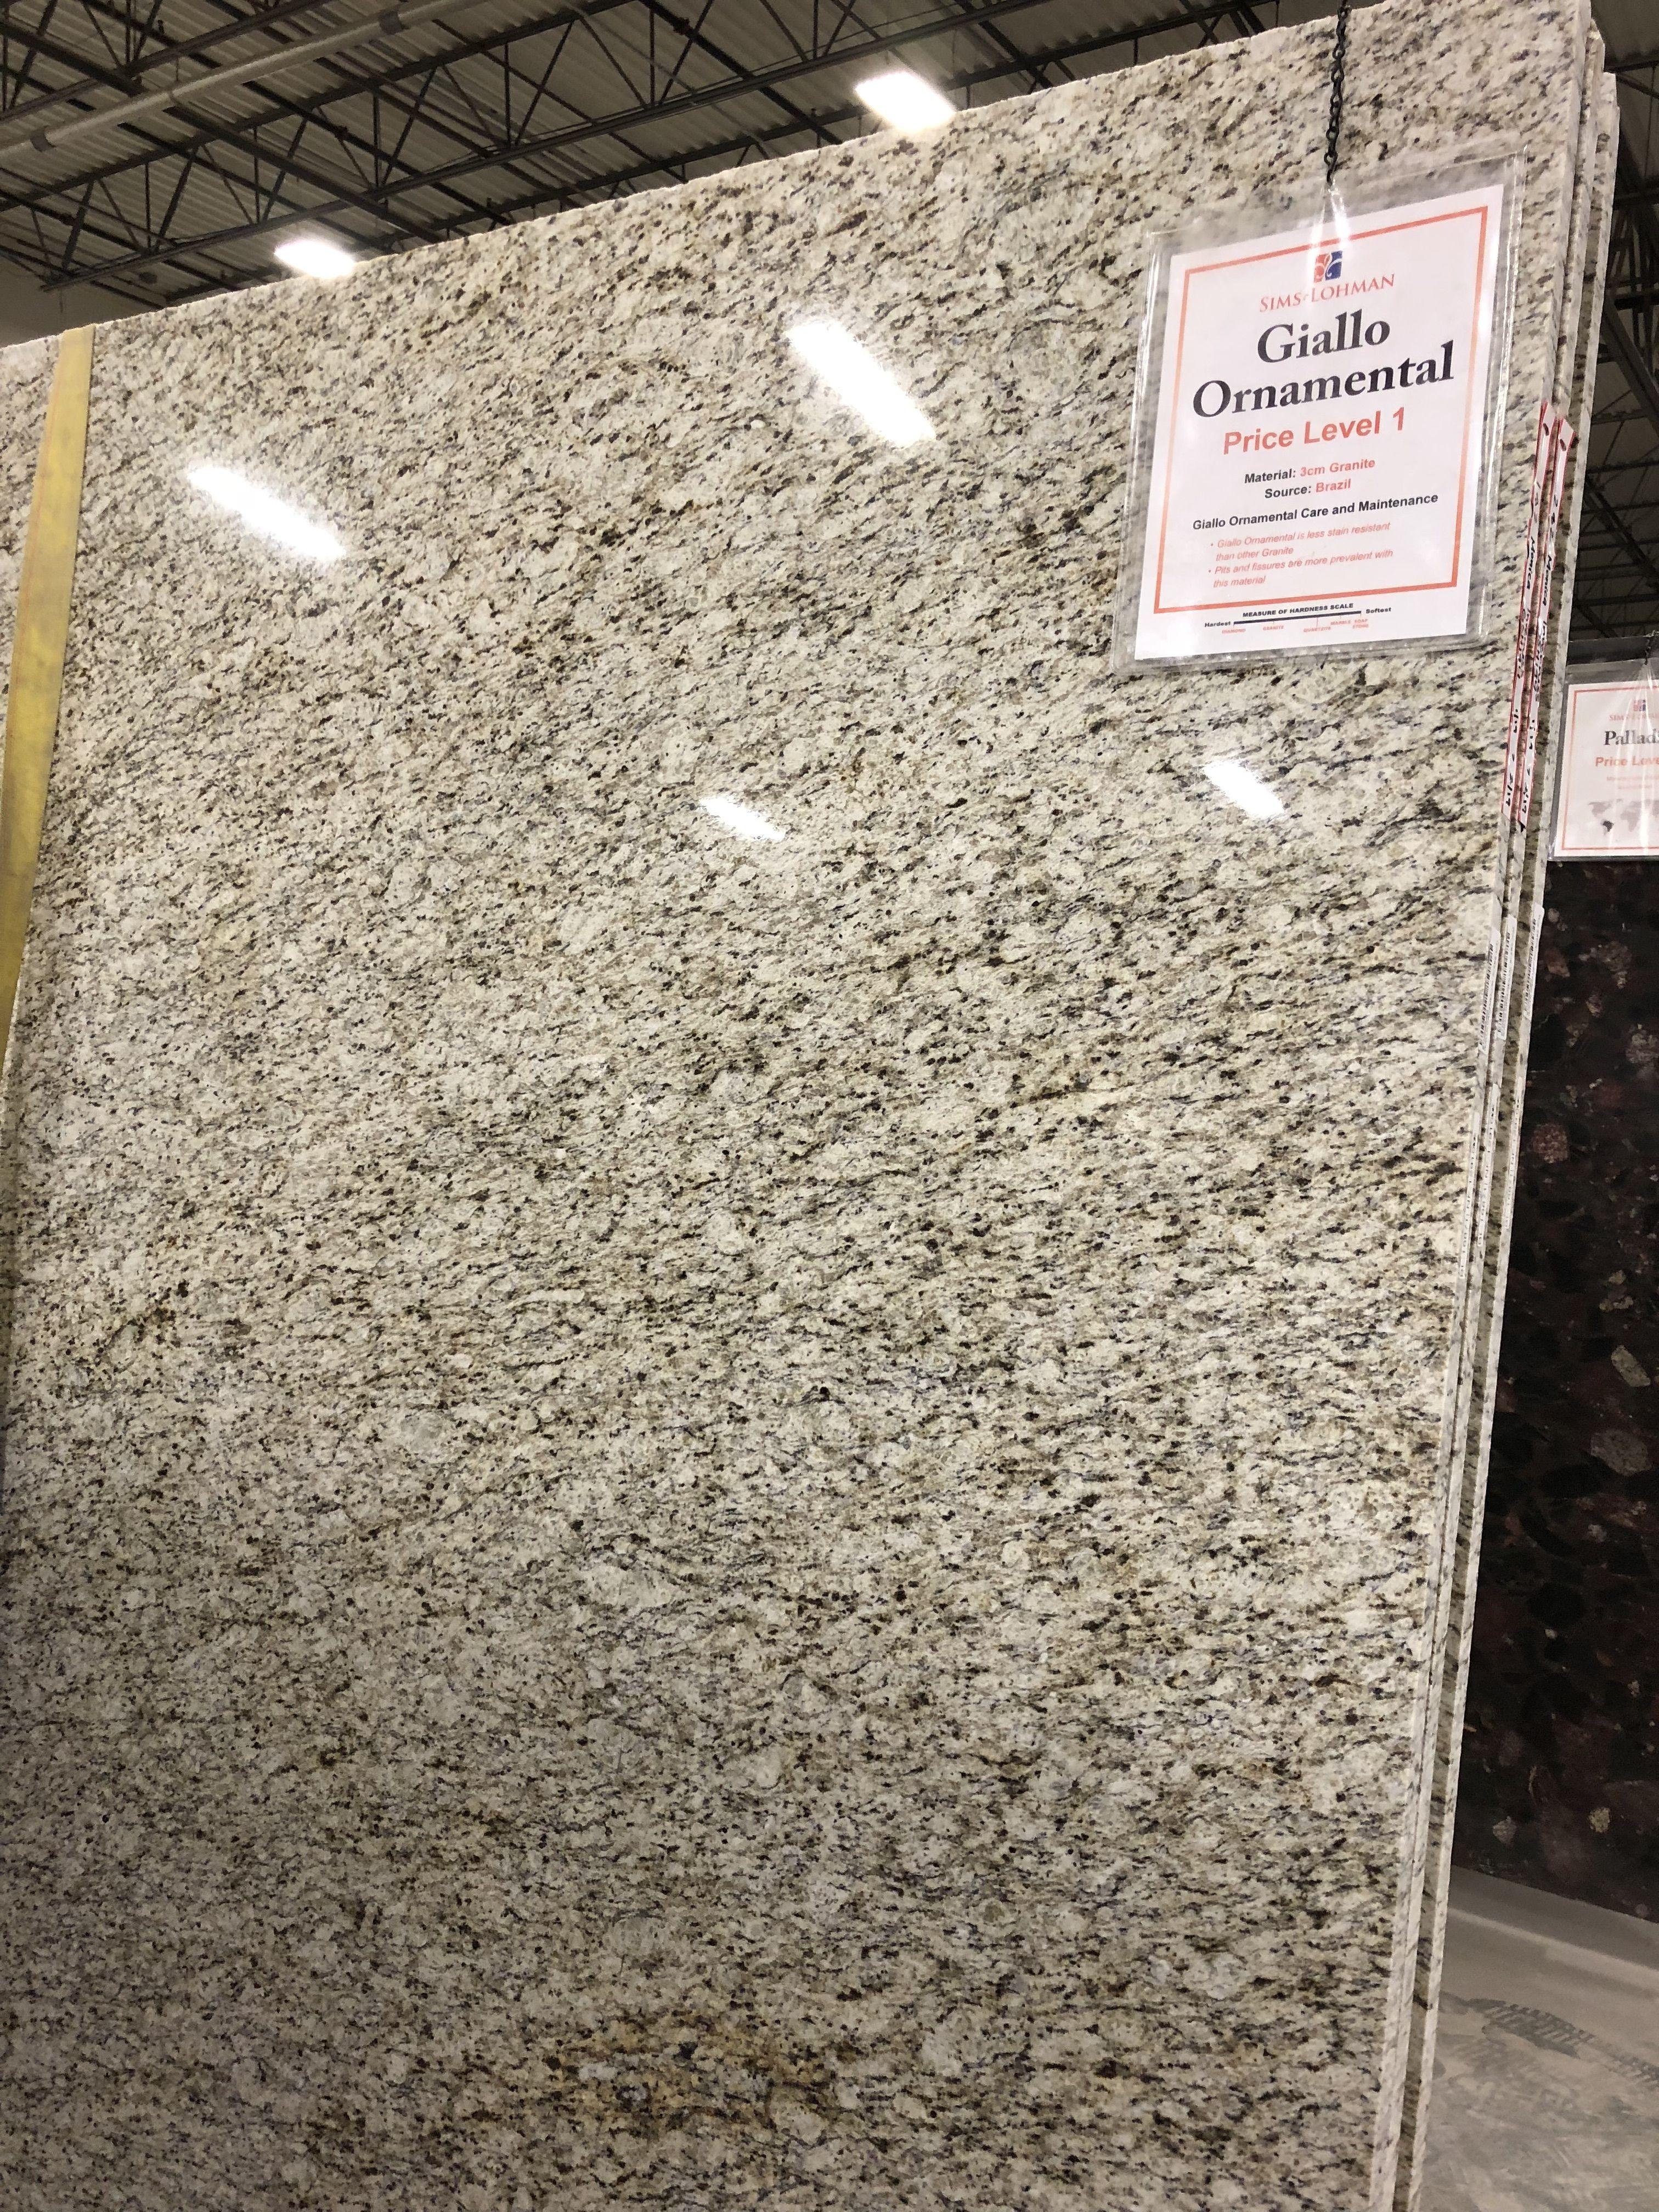 Giallo Ornamental Granite Giallo Ornamental Granite Granite Ornaments